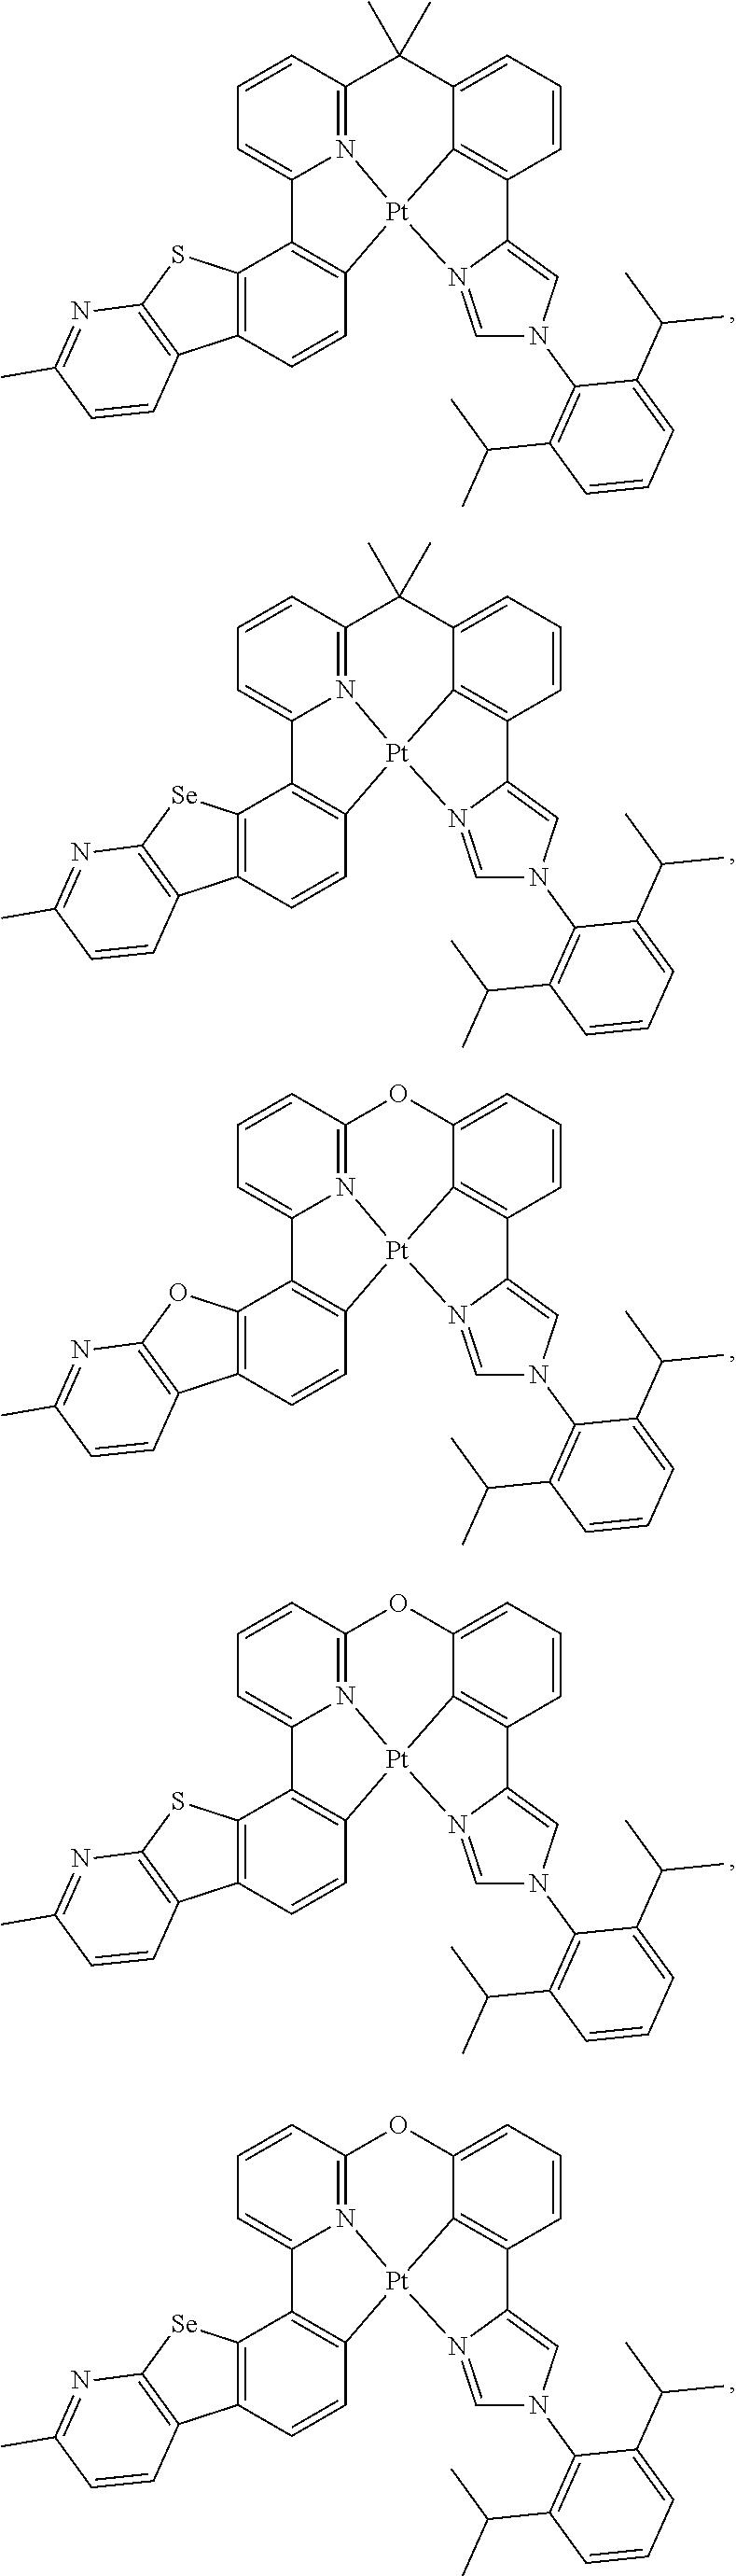 Figure US09871214-20180116-C00026